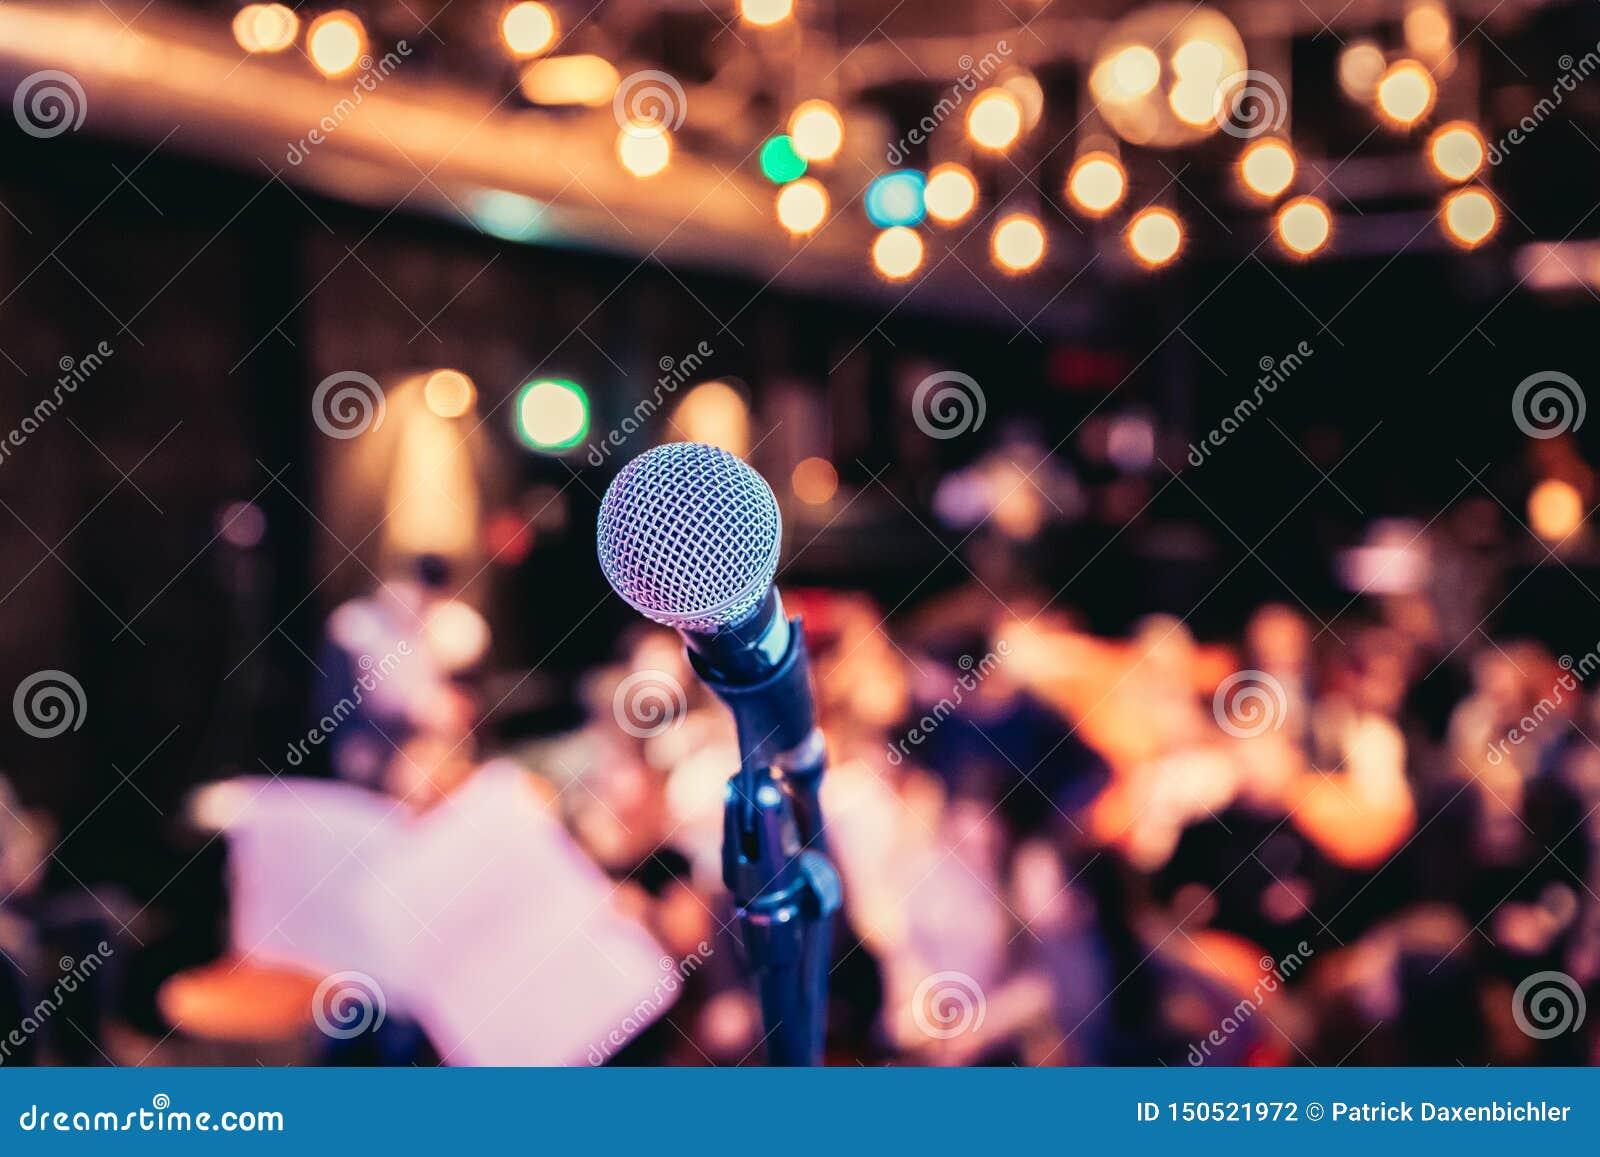 Зала события: Закройте вверх стойки микрофона, мест с аудиторией в расплывчатой предпосылке